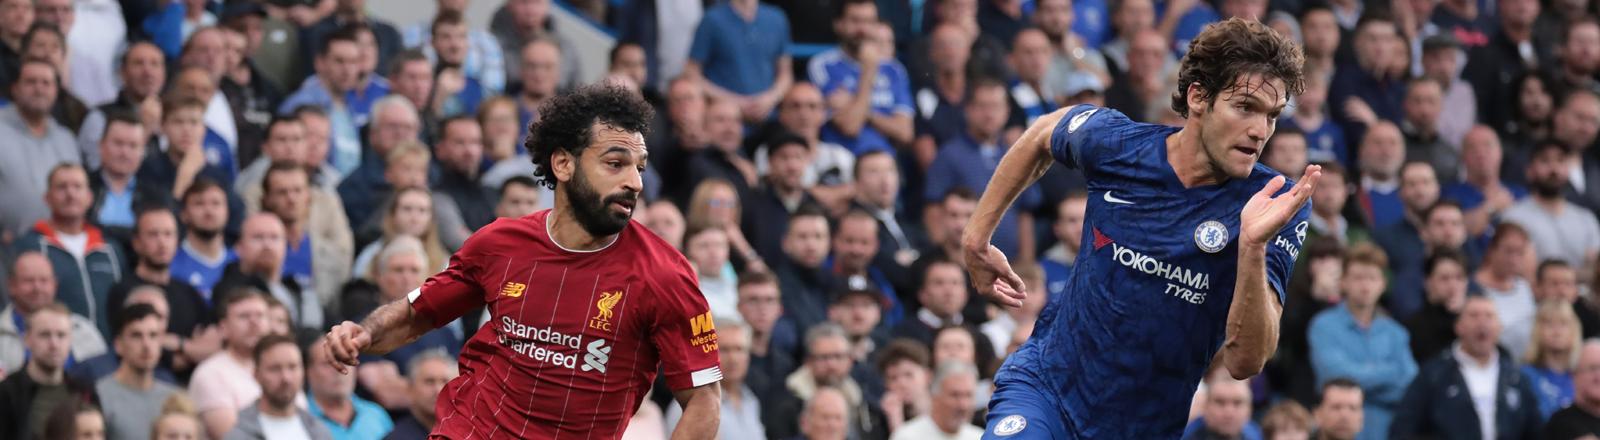 Liverpools Mohammaed Salah und Chelseas Marcos Alonso rennen nebeneinander her beim Premier League Spiel zwischen Chelsea und Liverpool am 22.9.2019